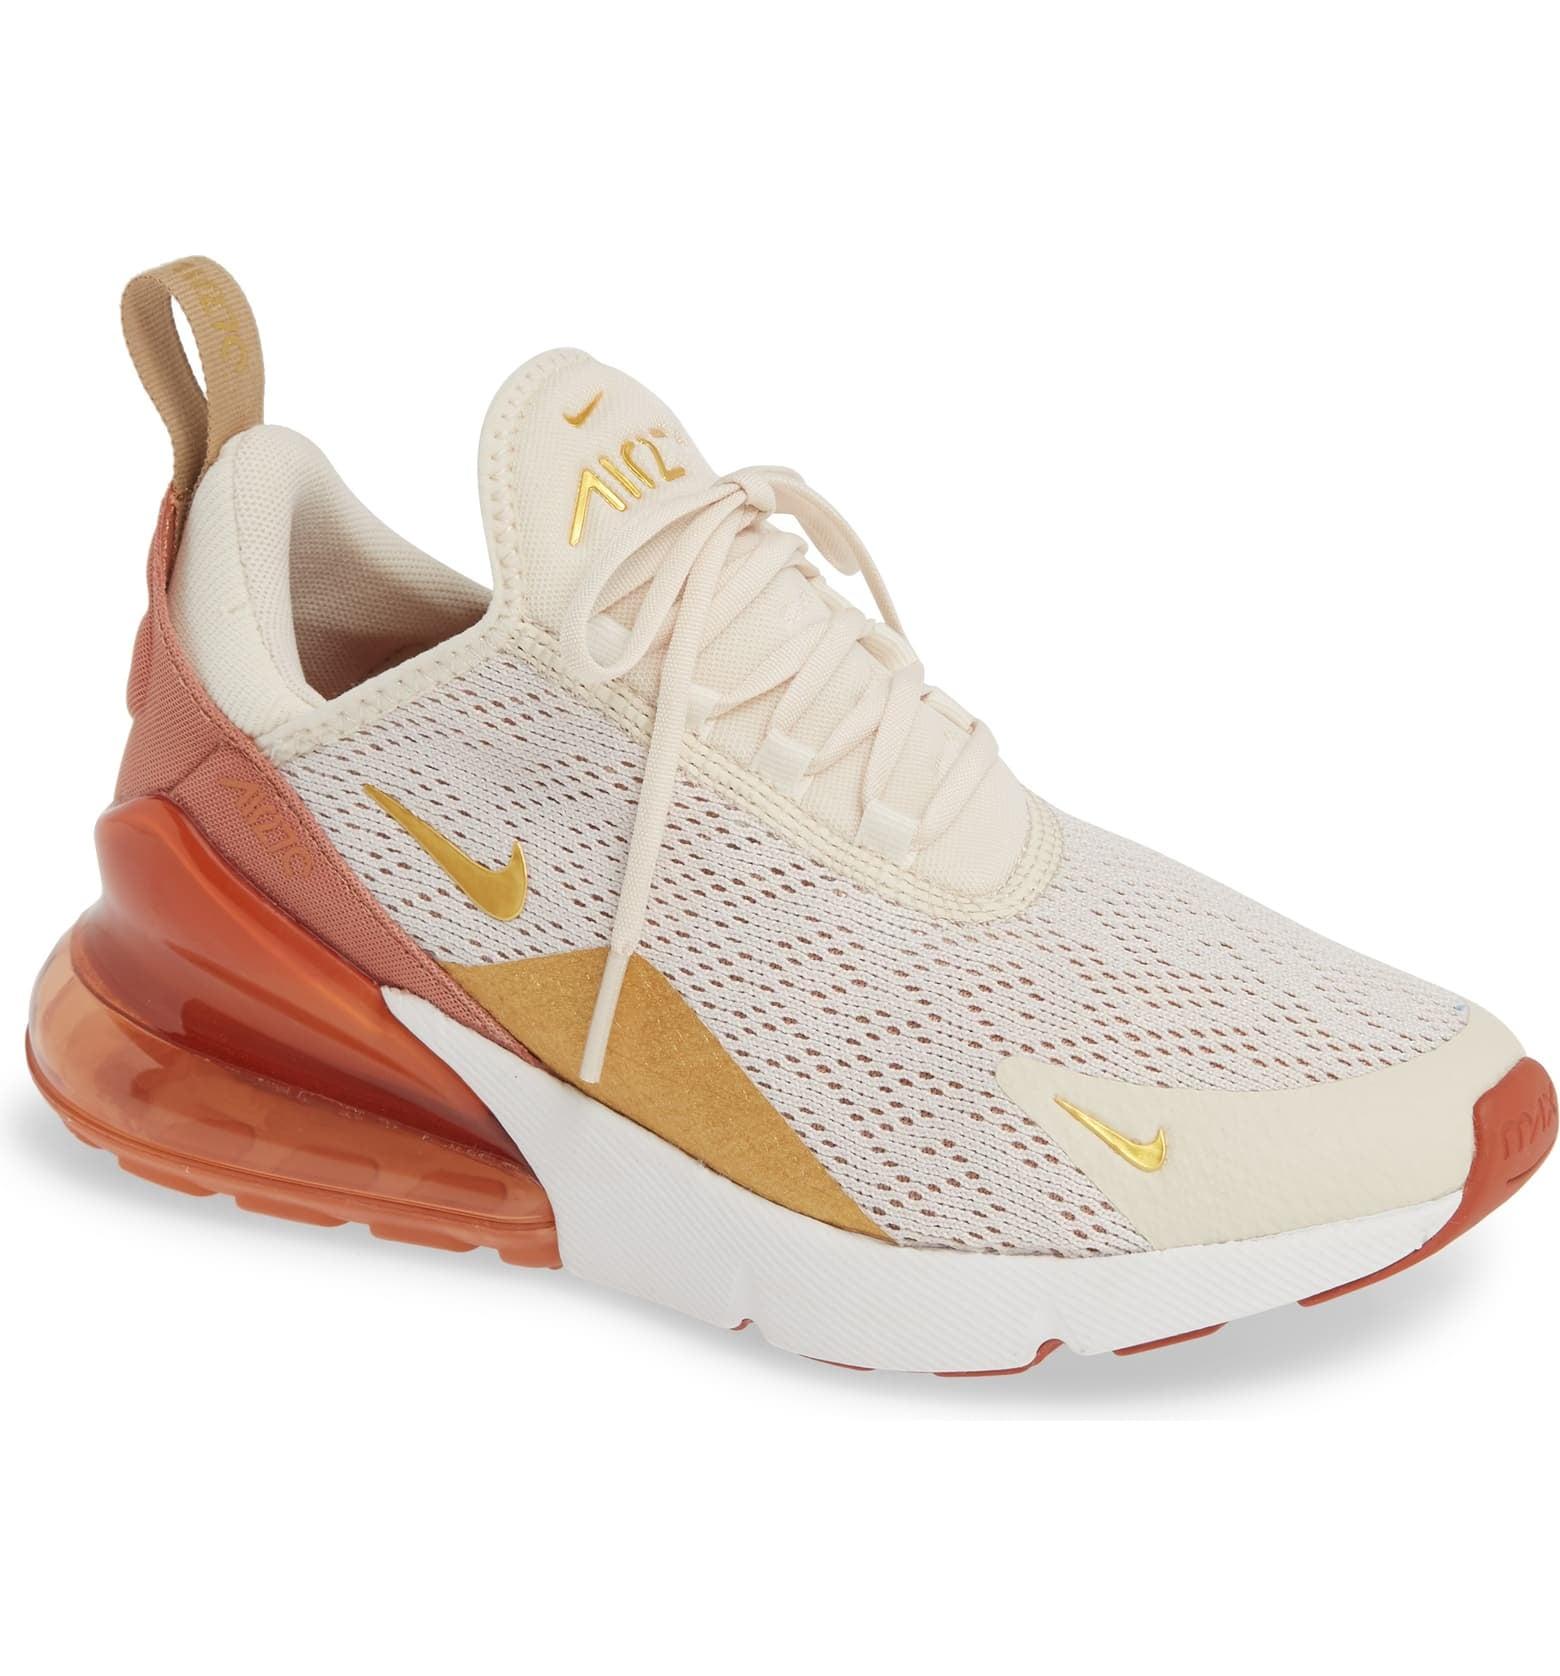 Nike Air Max 270 Premium Sneaker   The